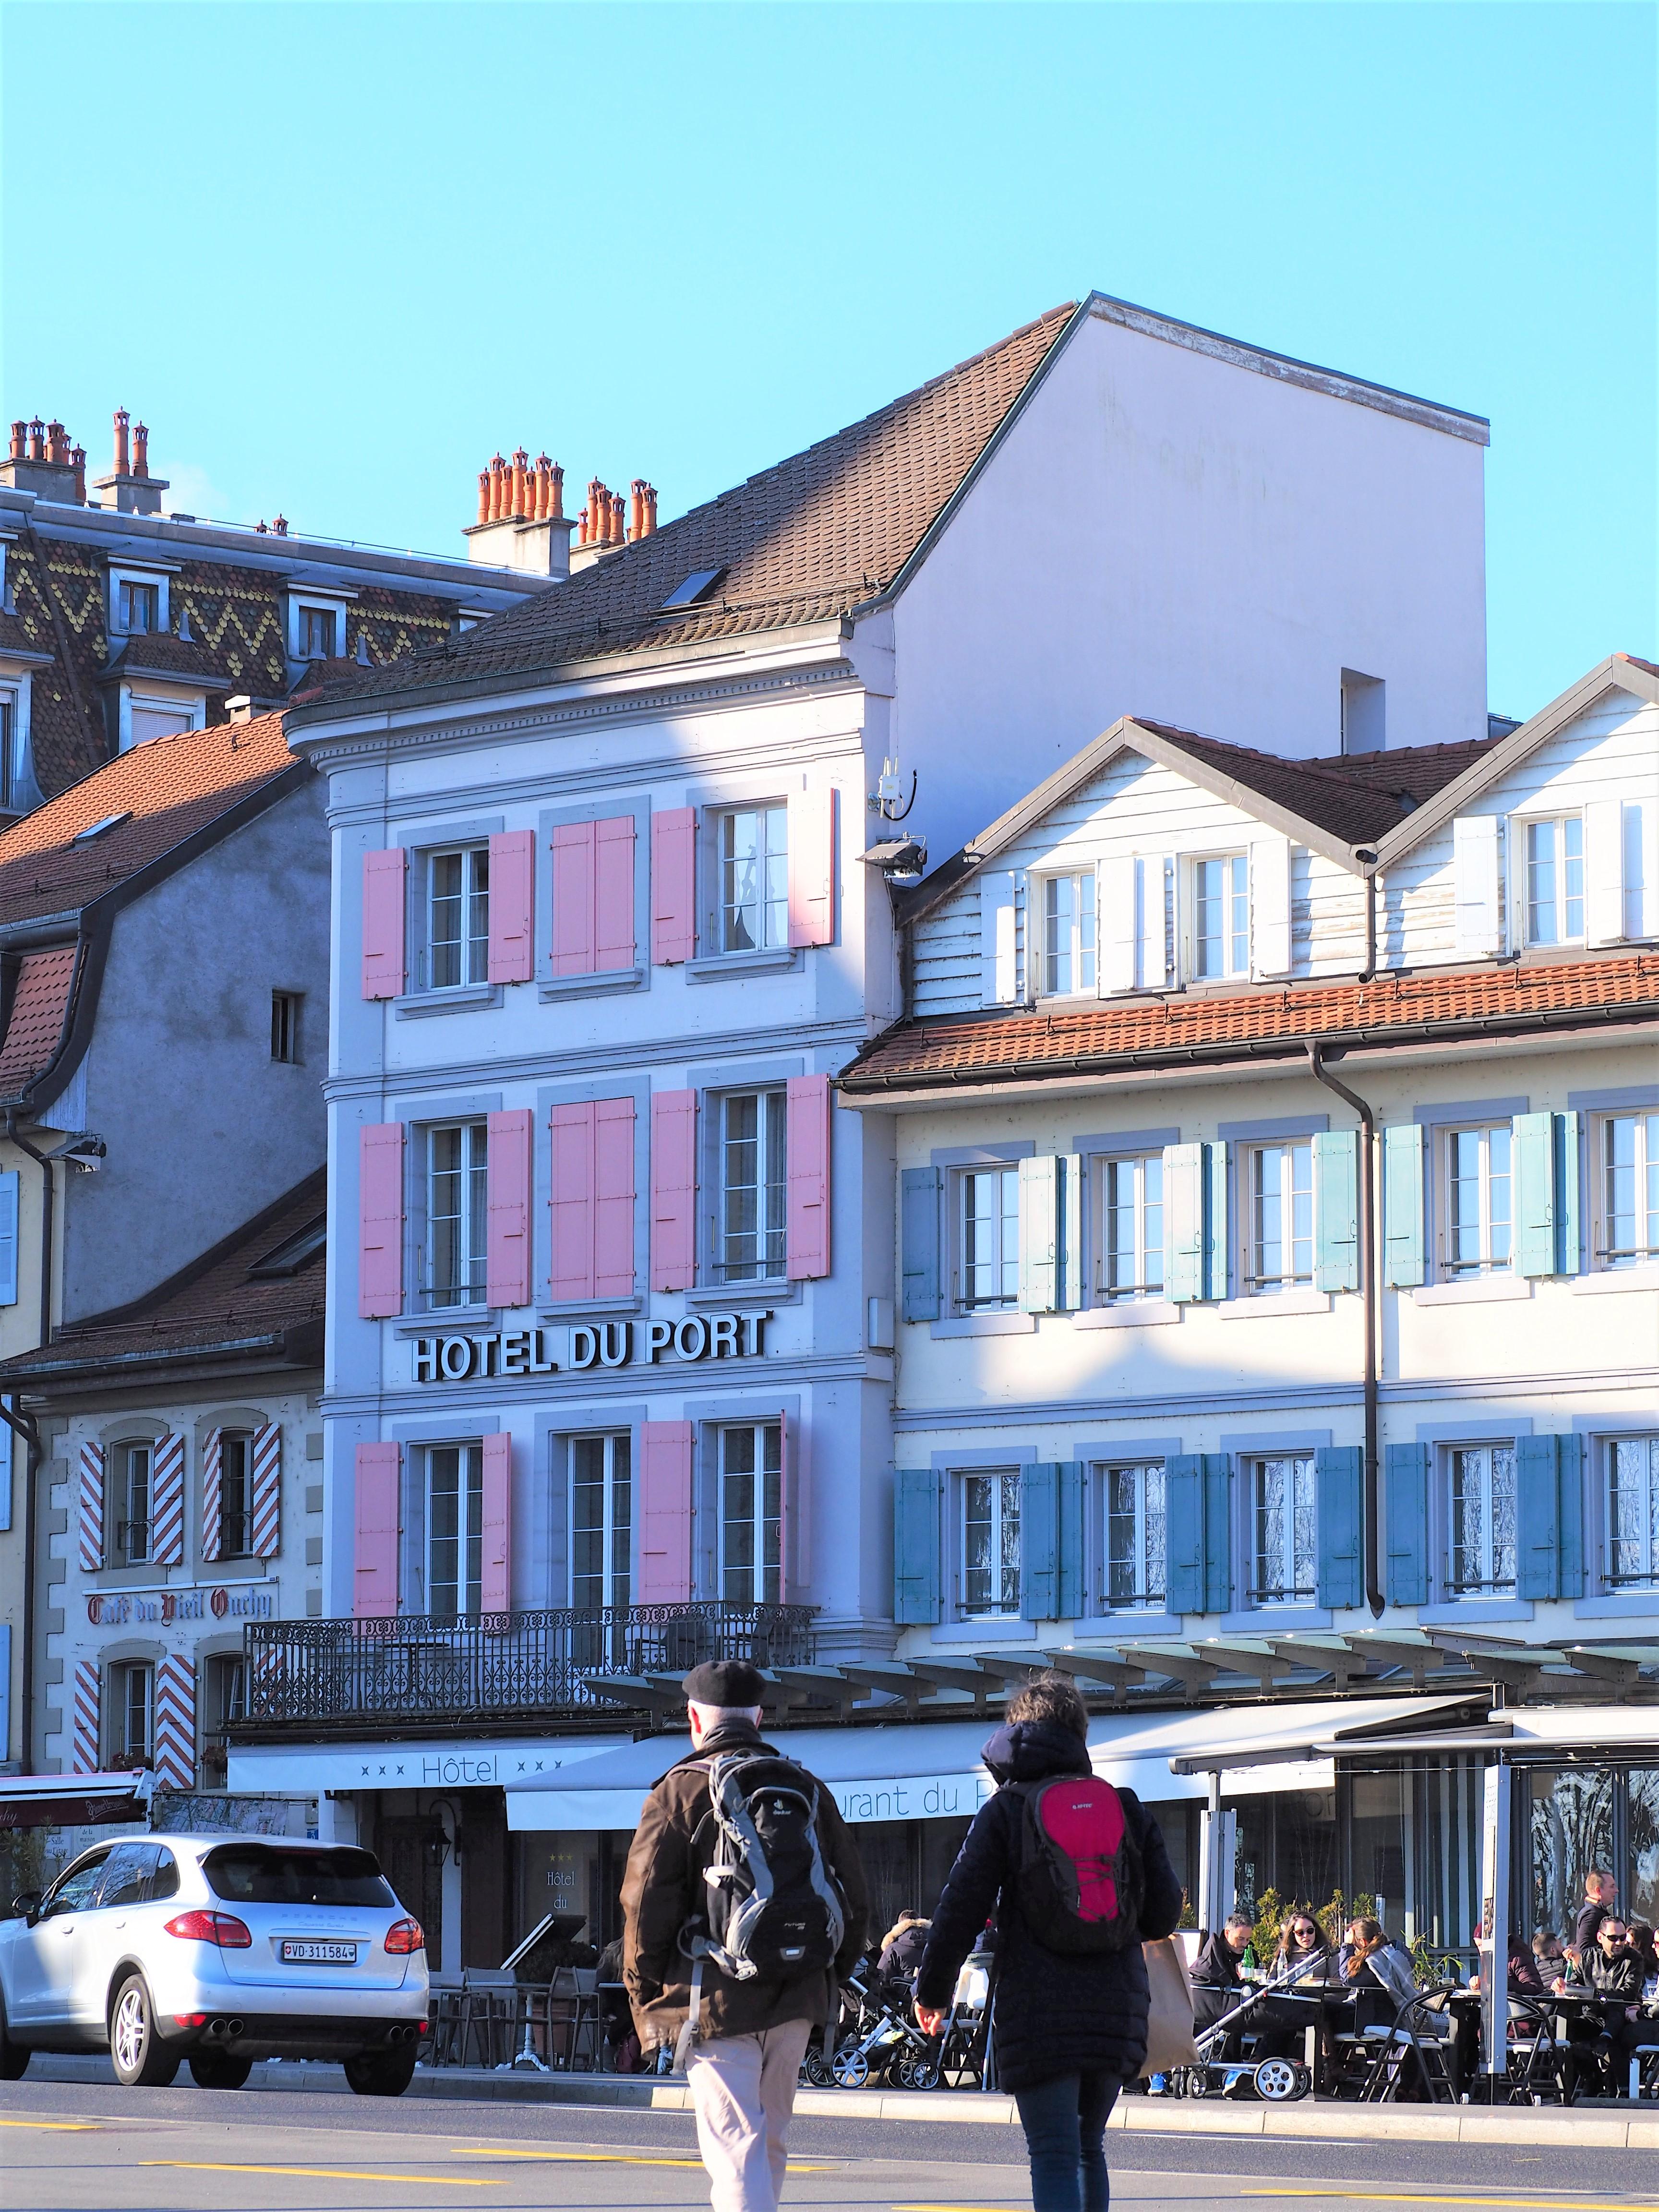 ausanne-quartier-dOuchy-clioandco-blog-voyage-lausanne-suisse-canton-de-vaud